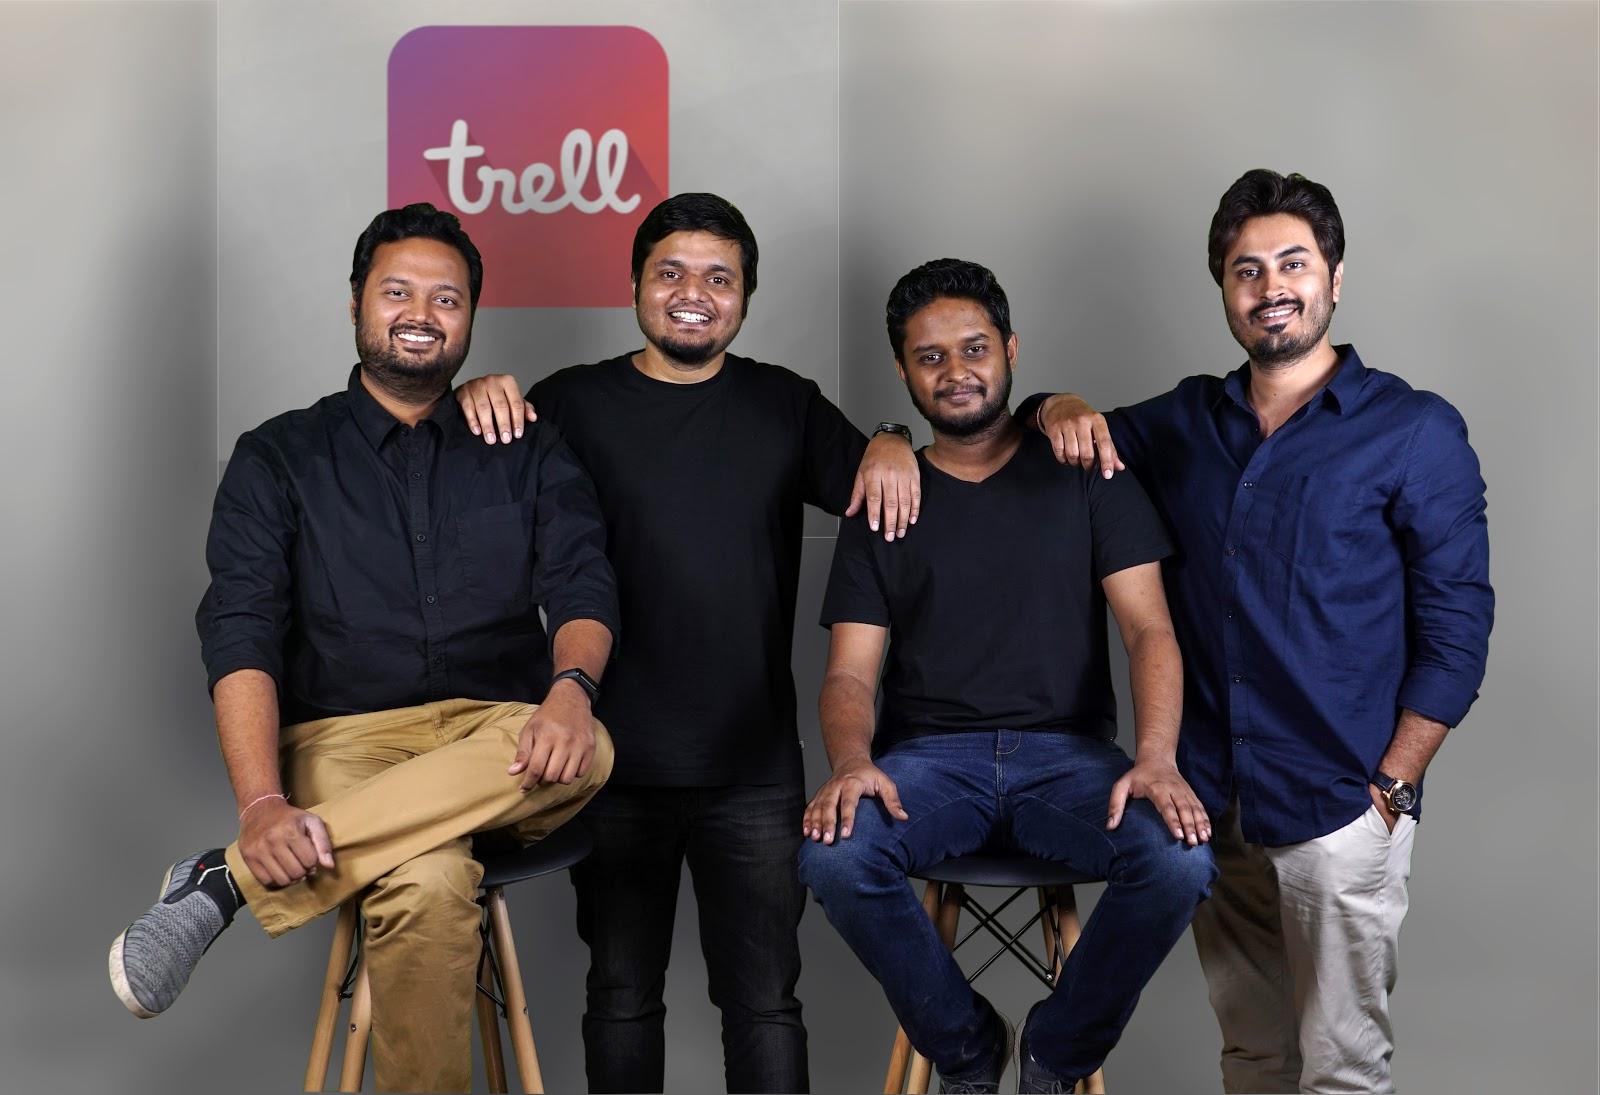 Pulkit Agarwal, Prashant Sachan, Arun Lodhi, Bimal Kartheek Rebba, co-founders, Trell